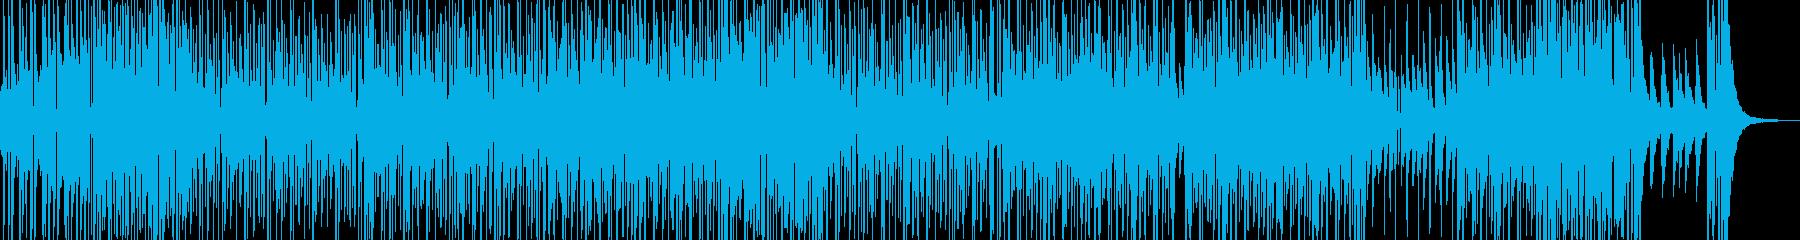 ご機嫌 ファンキーな映像に合うジャズ Aの再生済みの波形